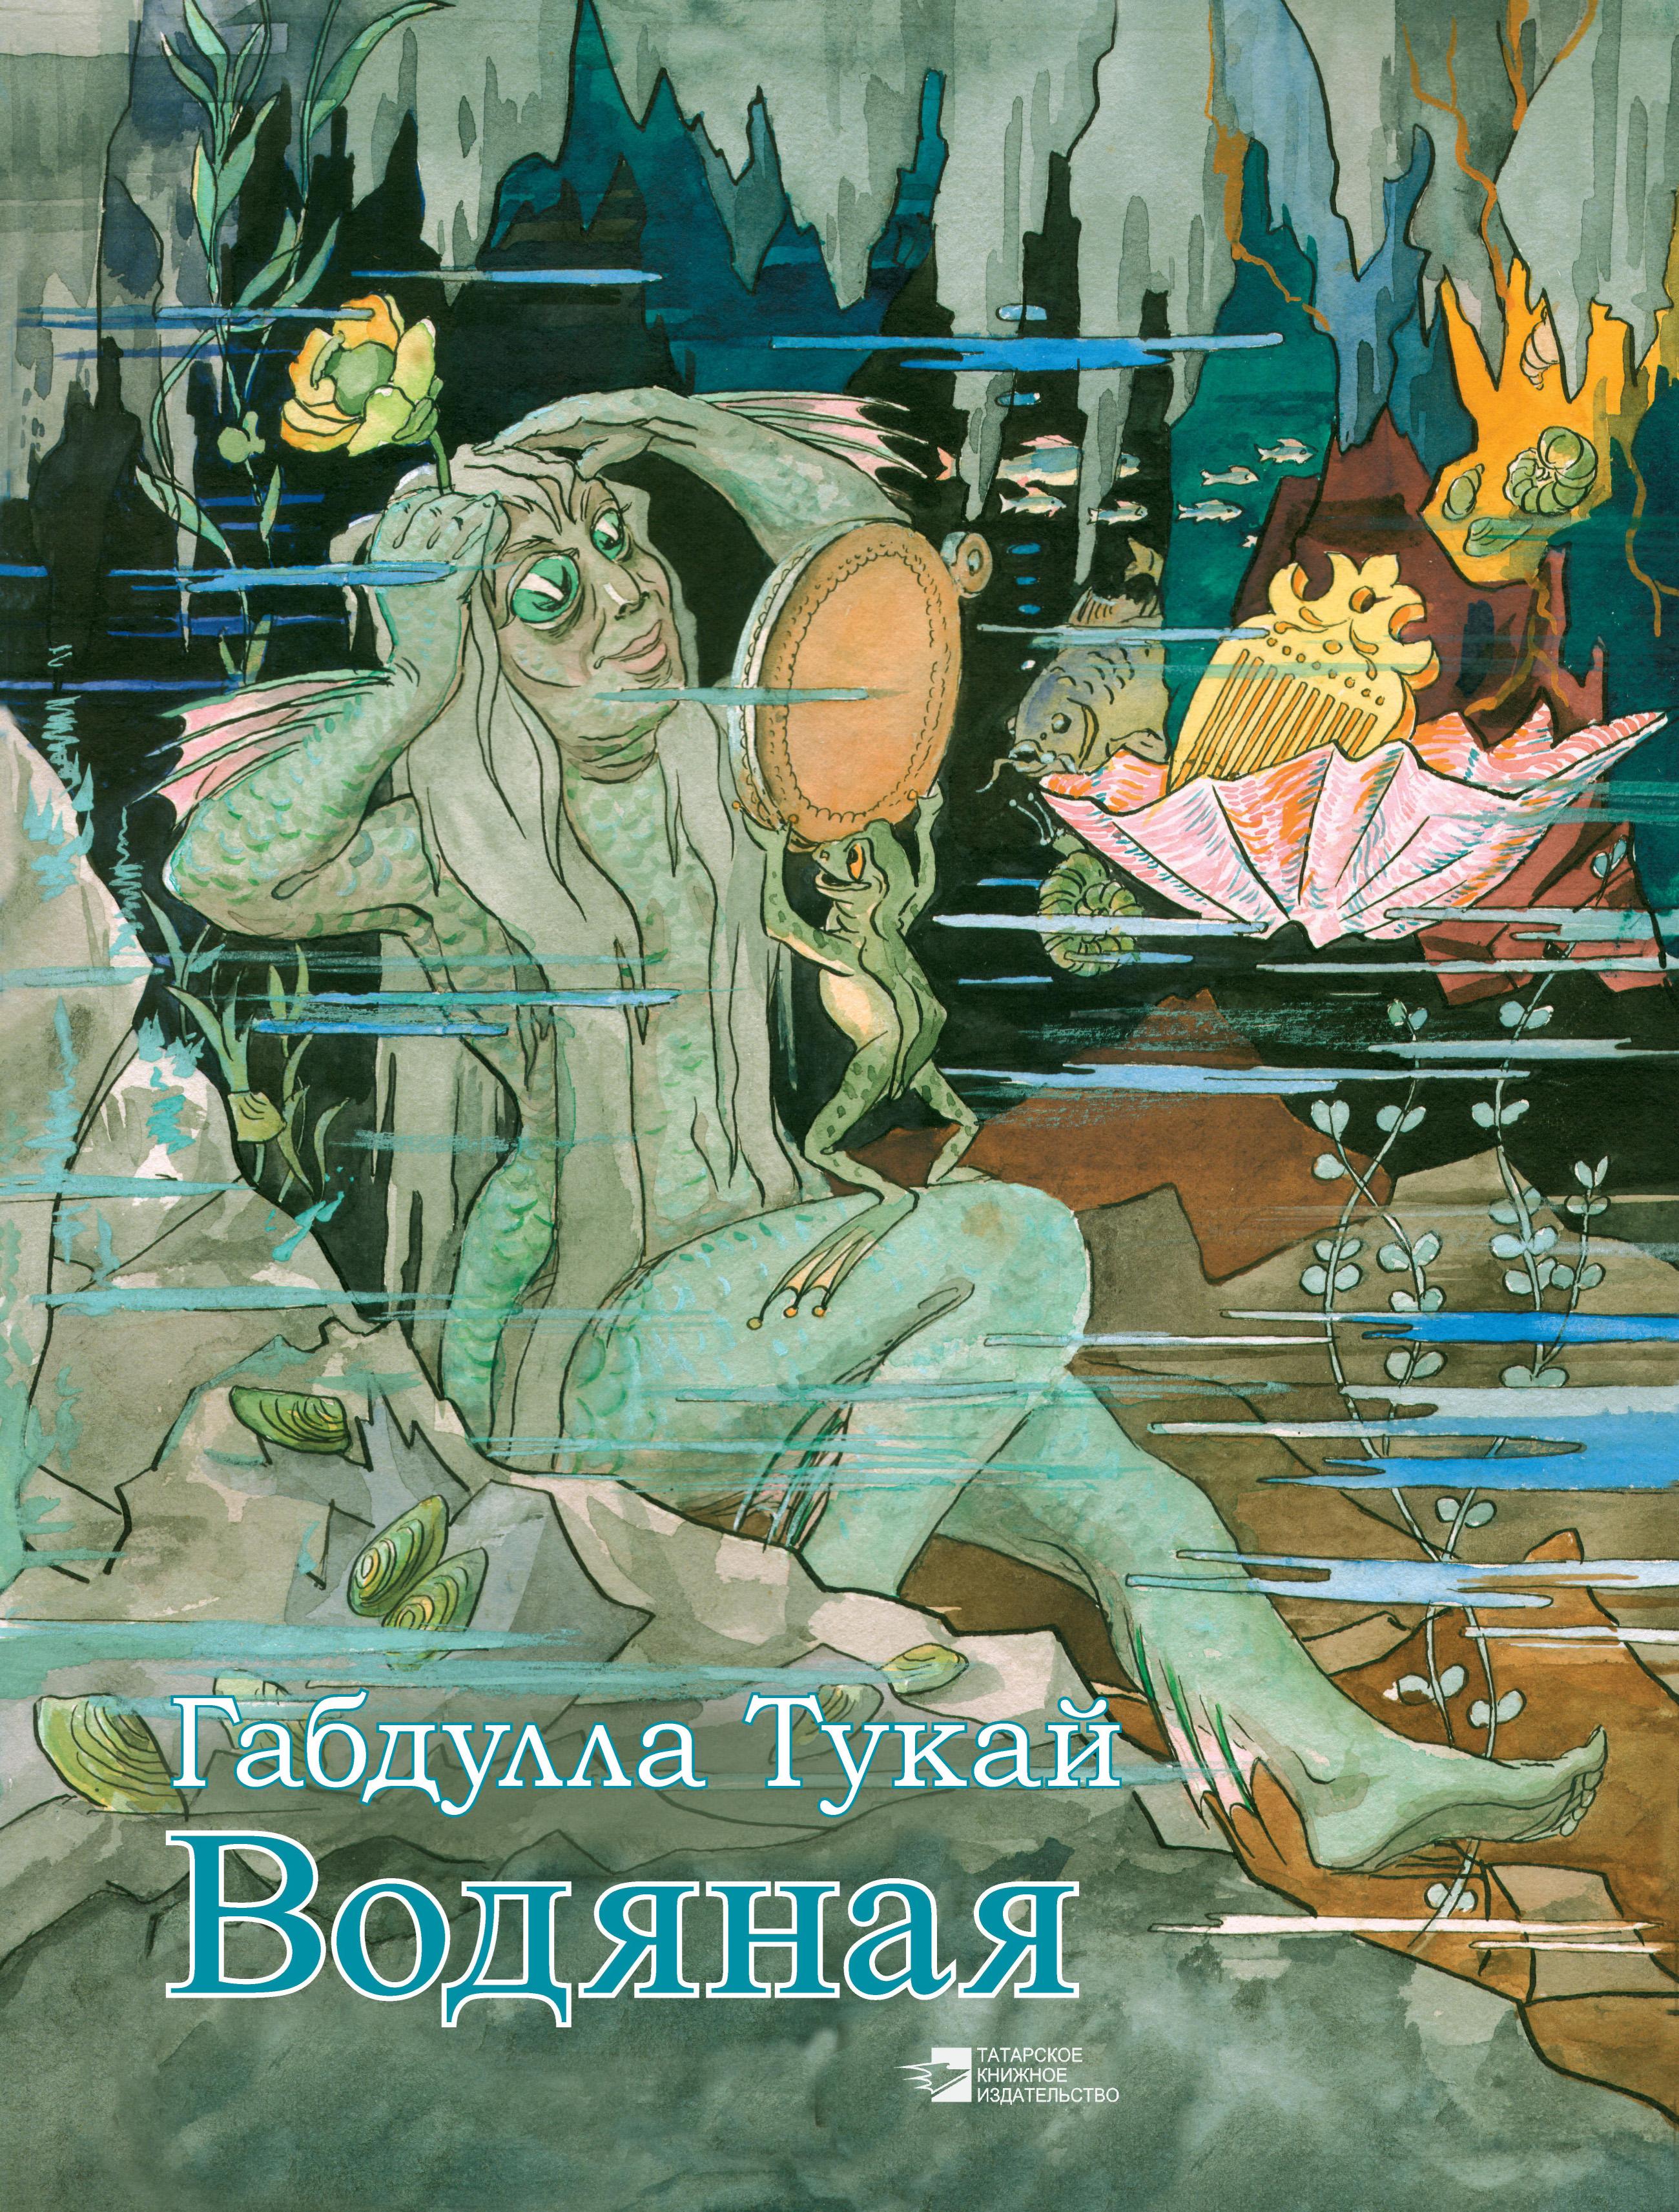 Купить книгу Водяная, автора Габдуллы Тукай